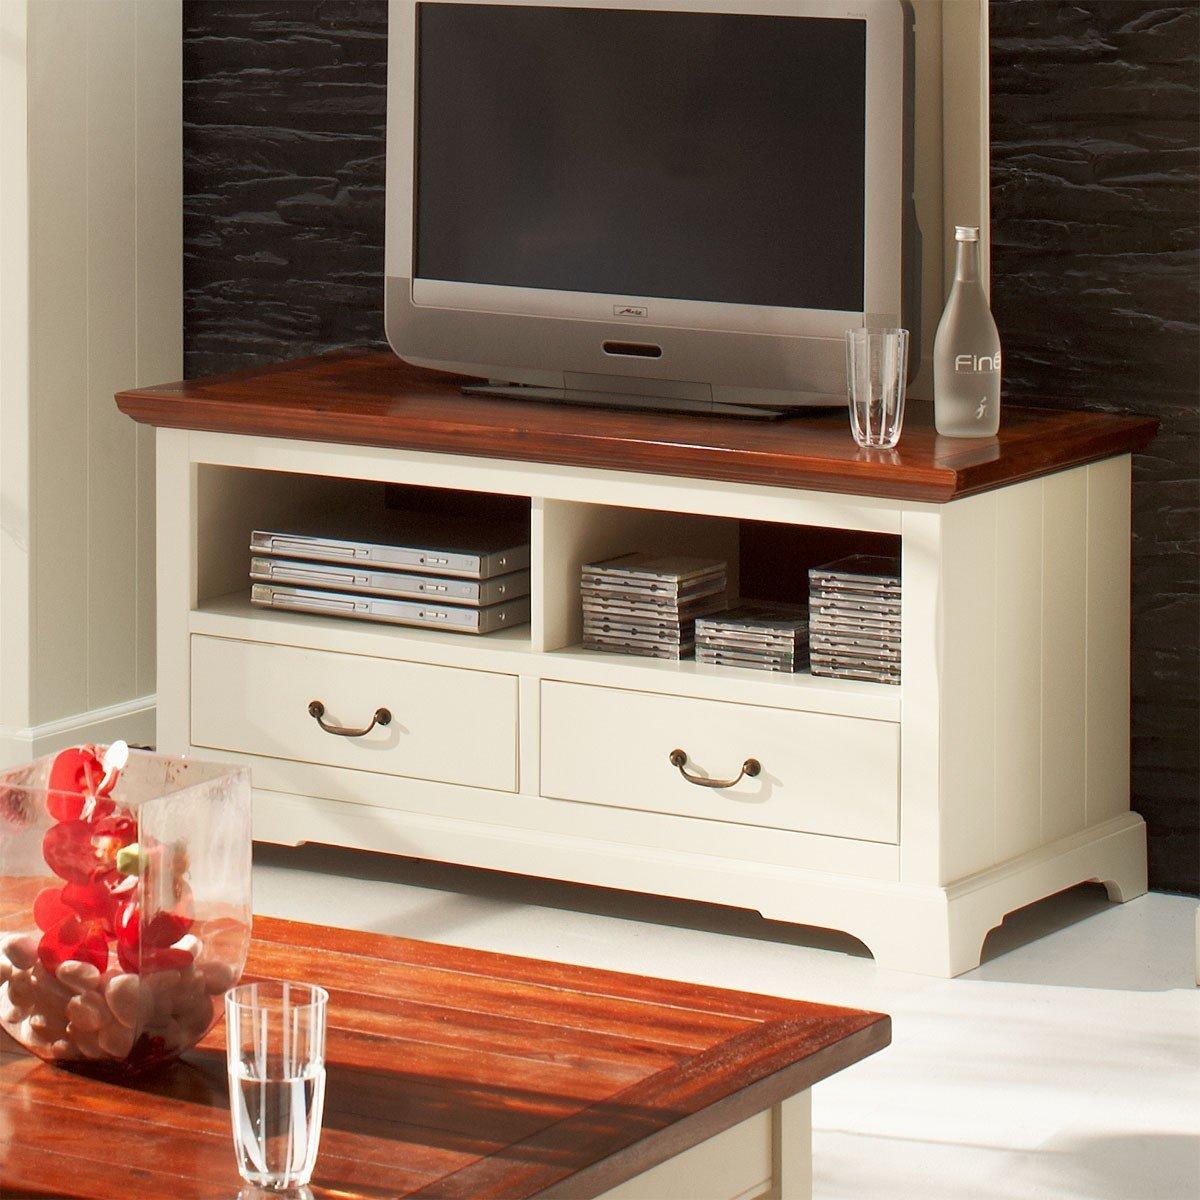 Televisor Riesa en madera de acacia blanco antiguo coñac: Amazon ...